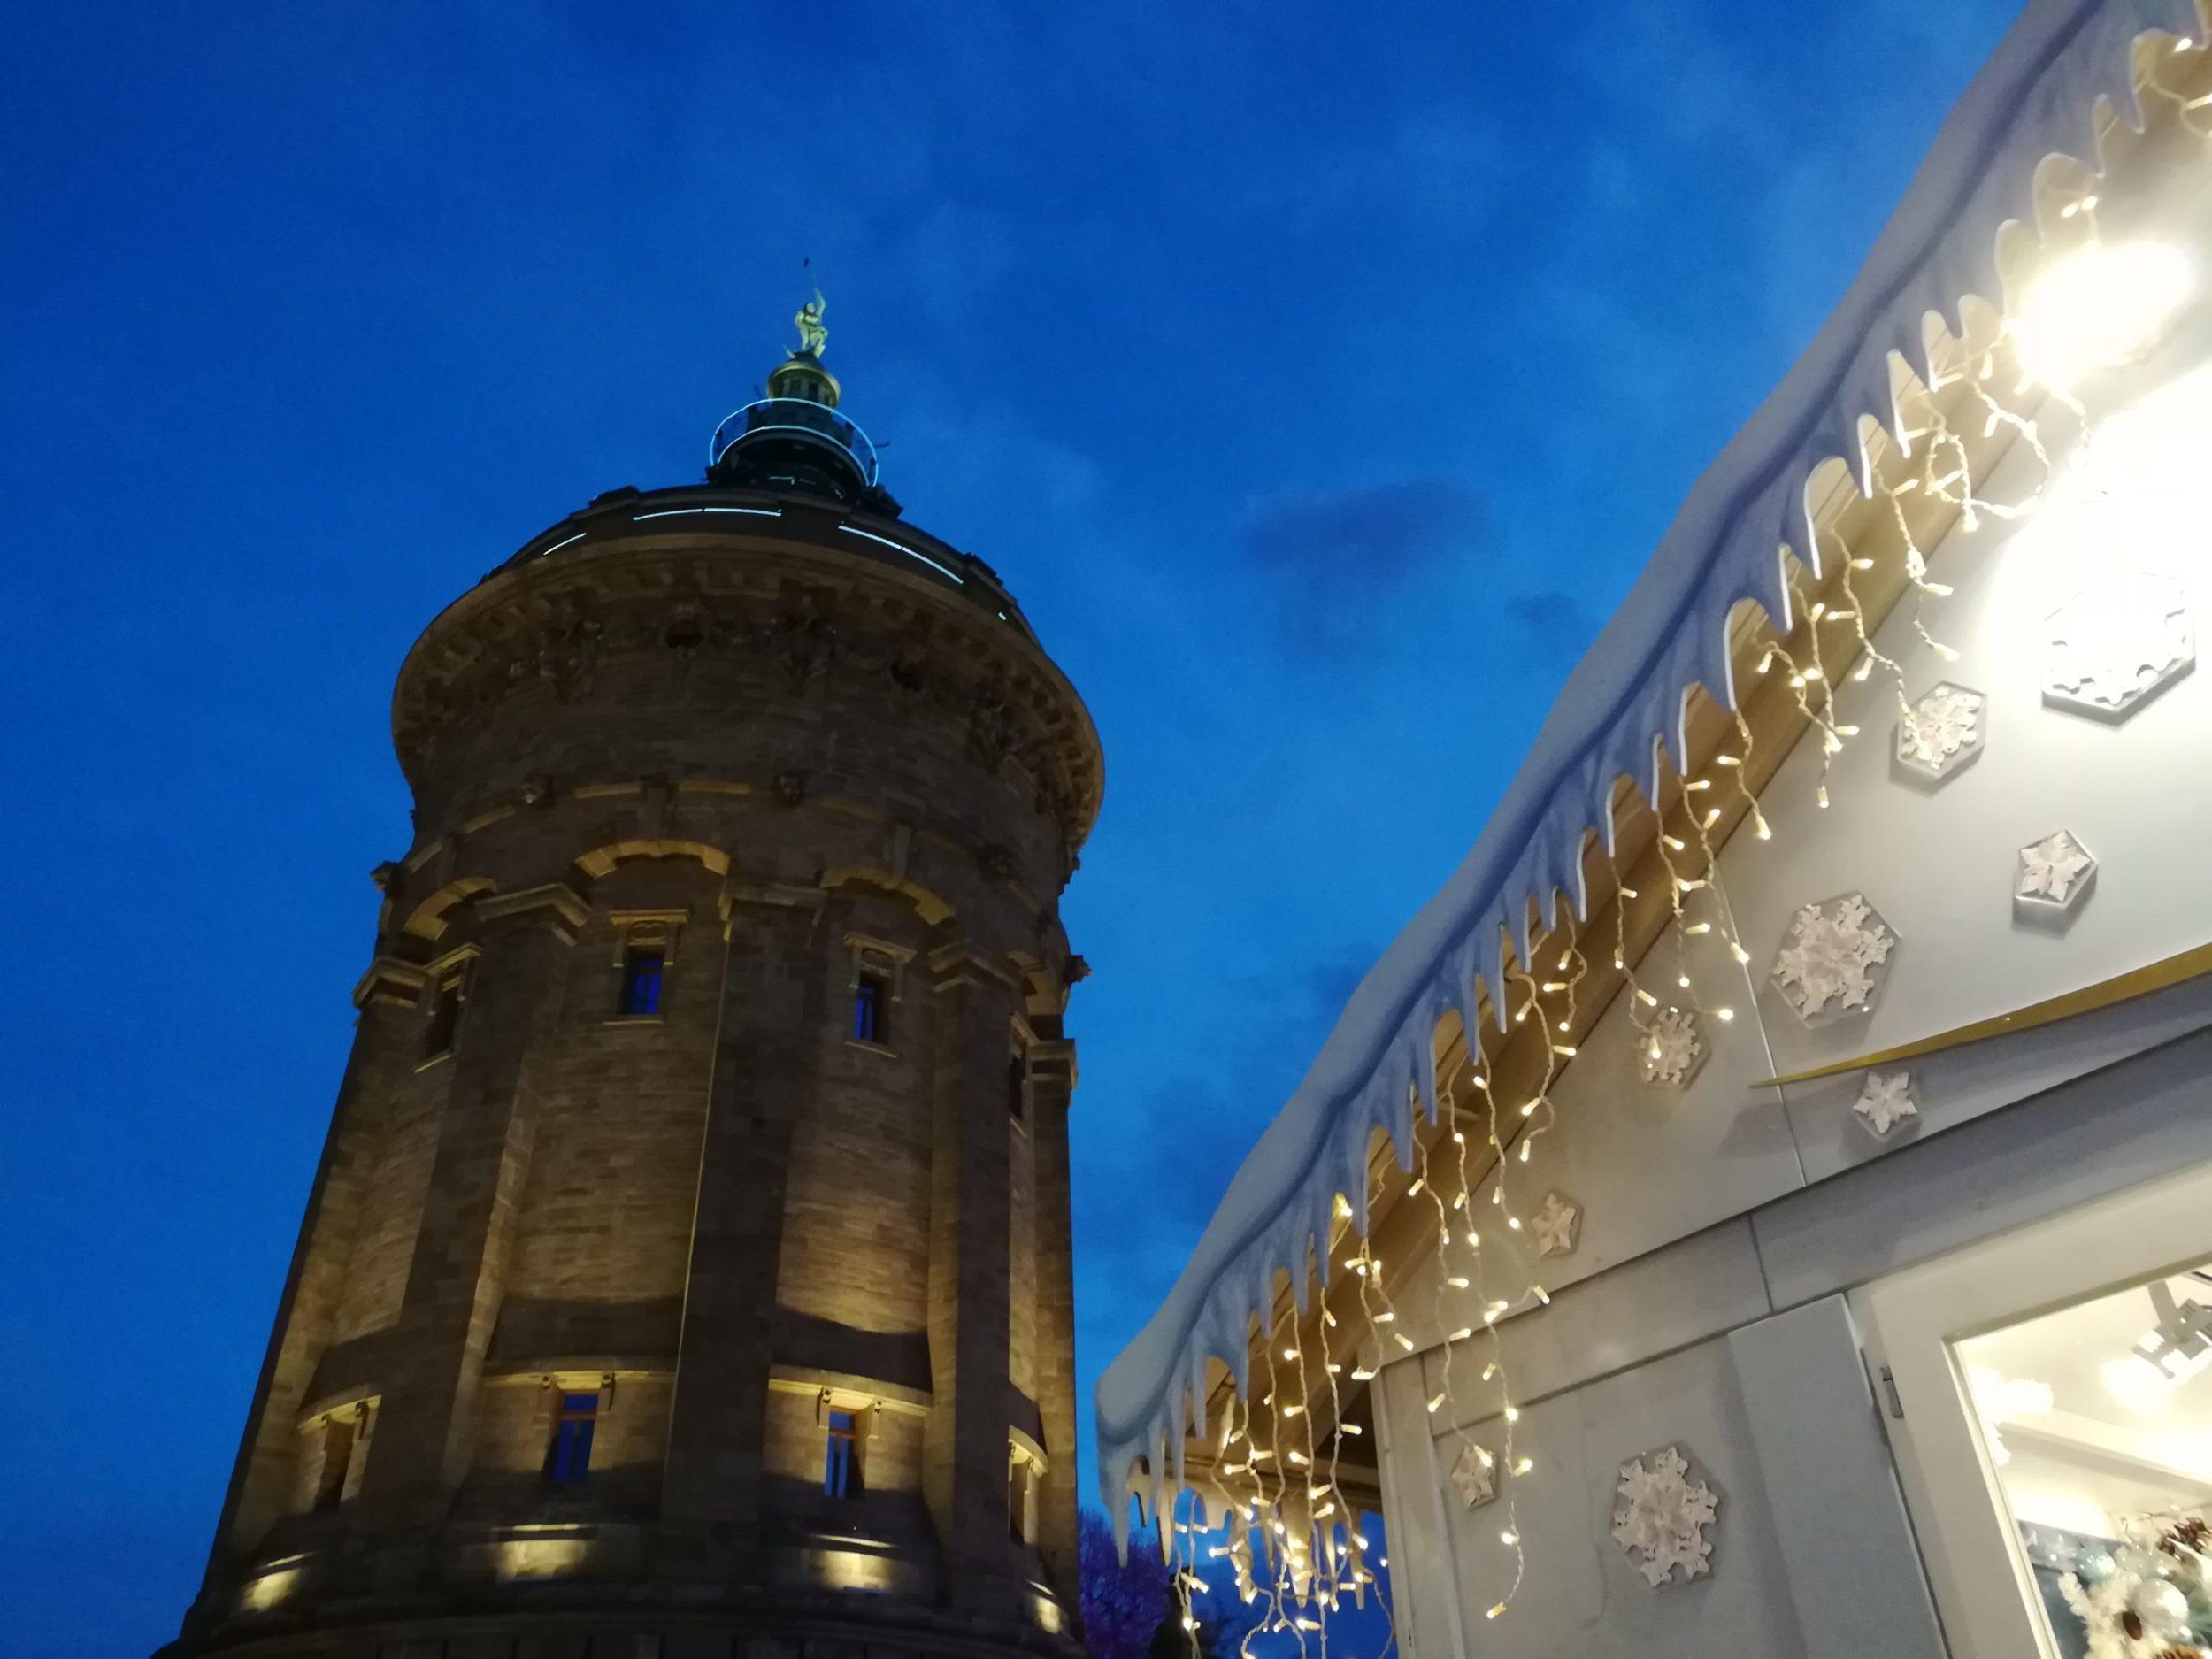 Wasserturm am Mannheimer Weihnachtsmarkt